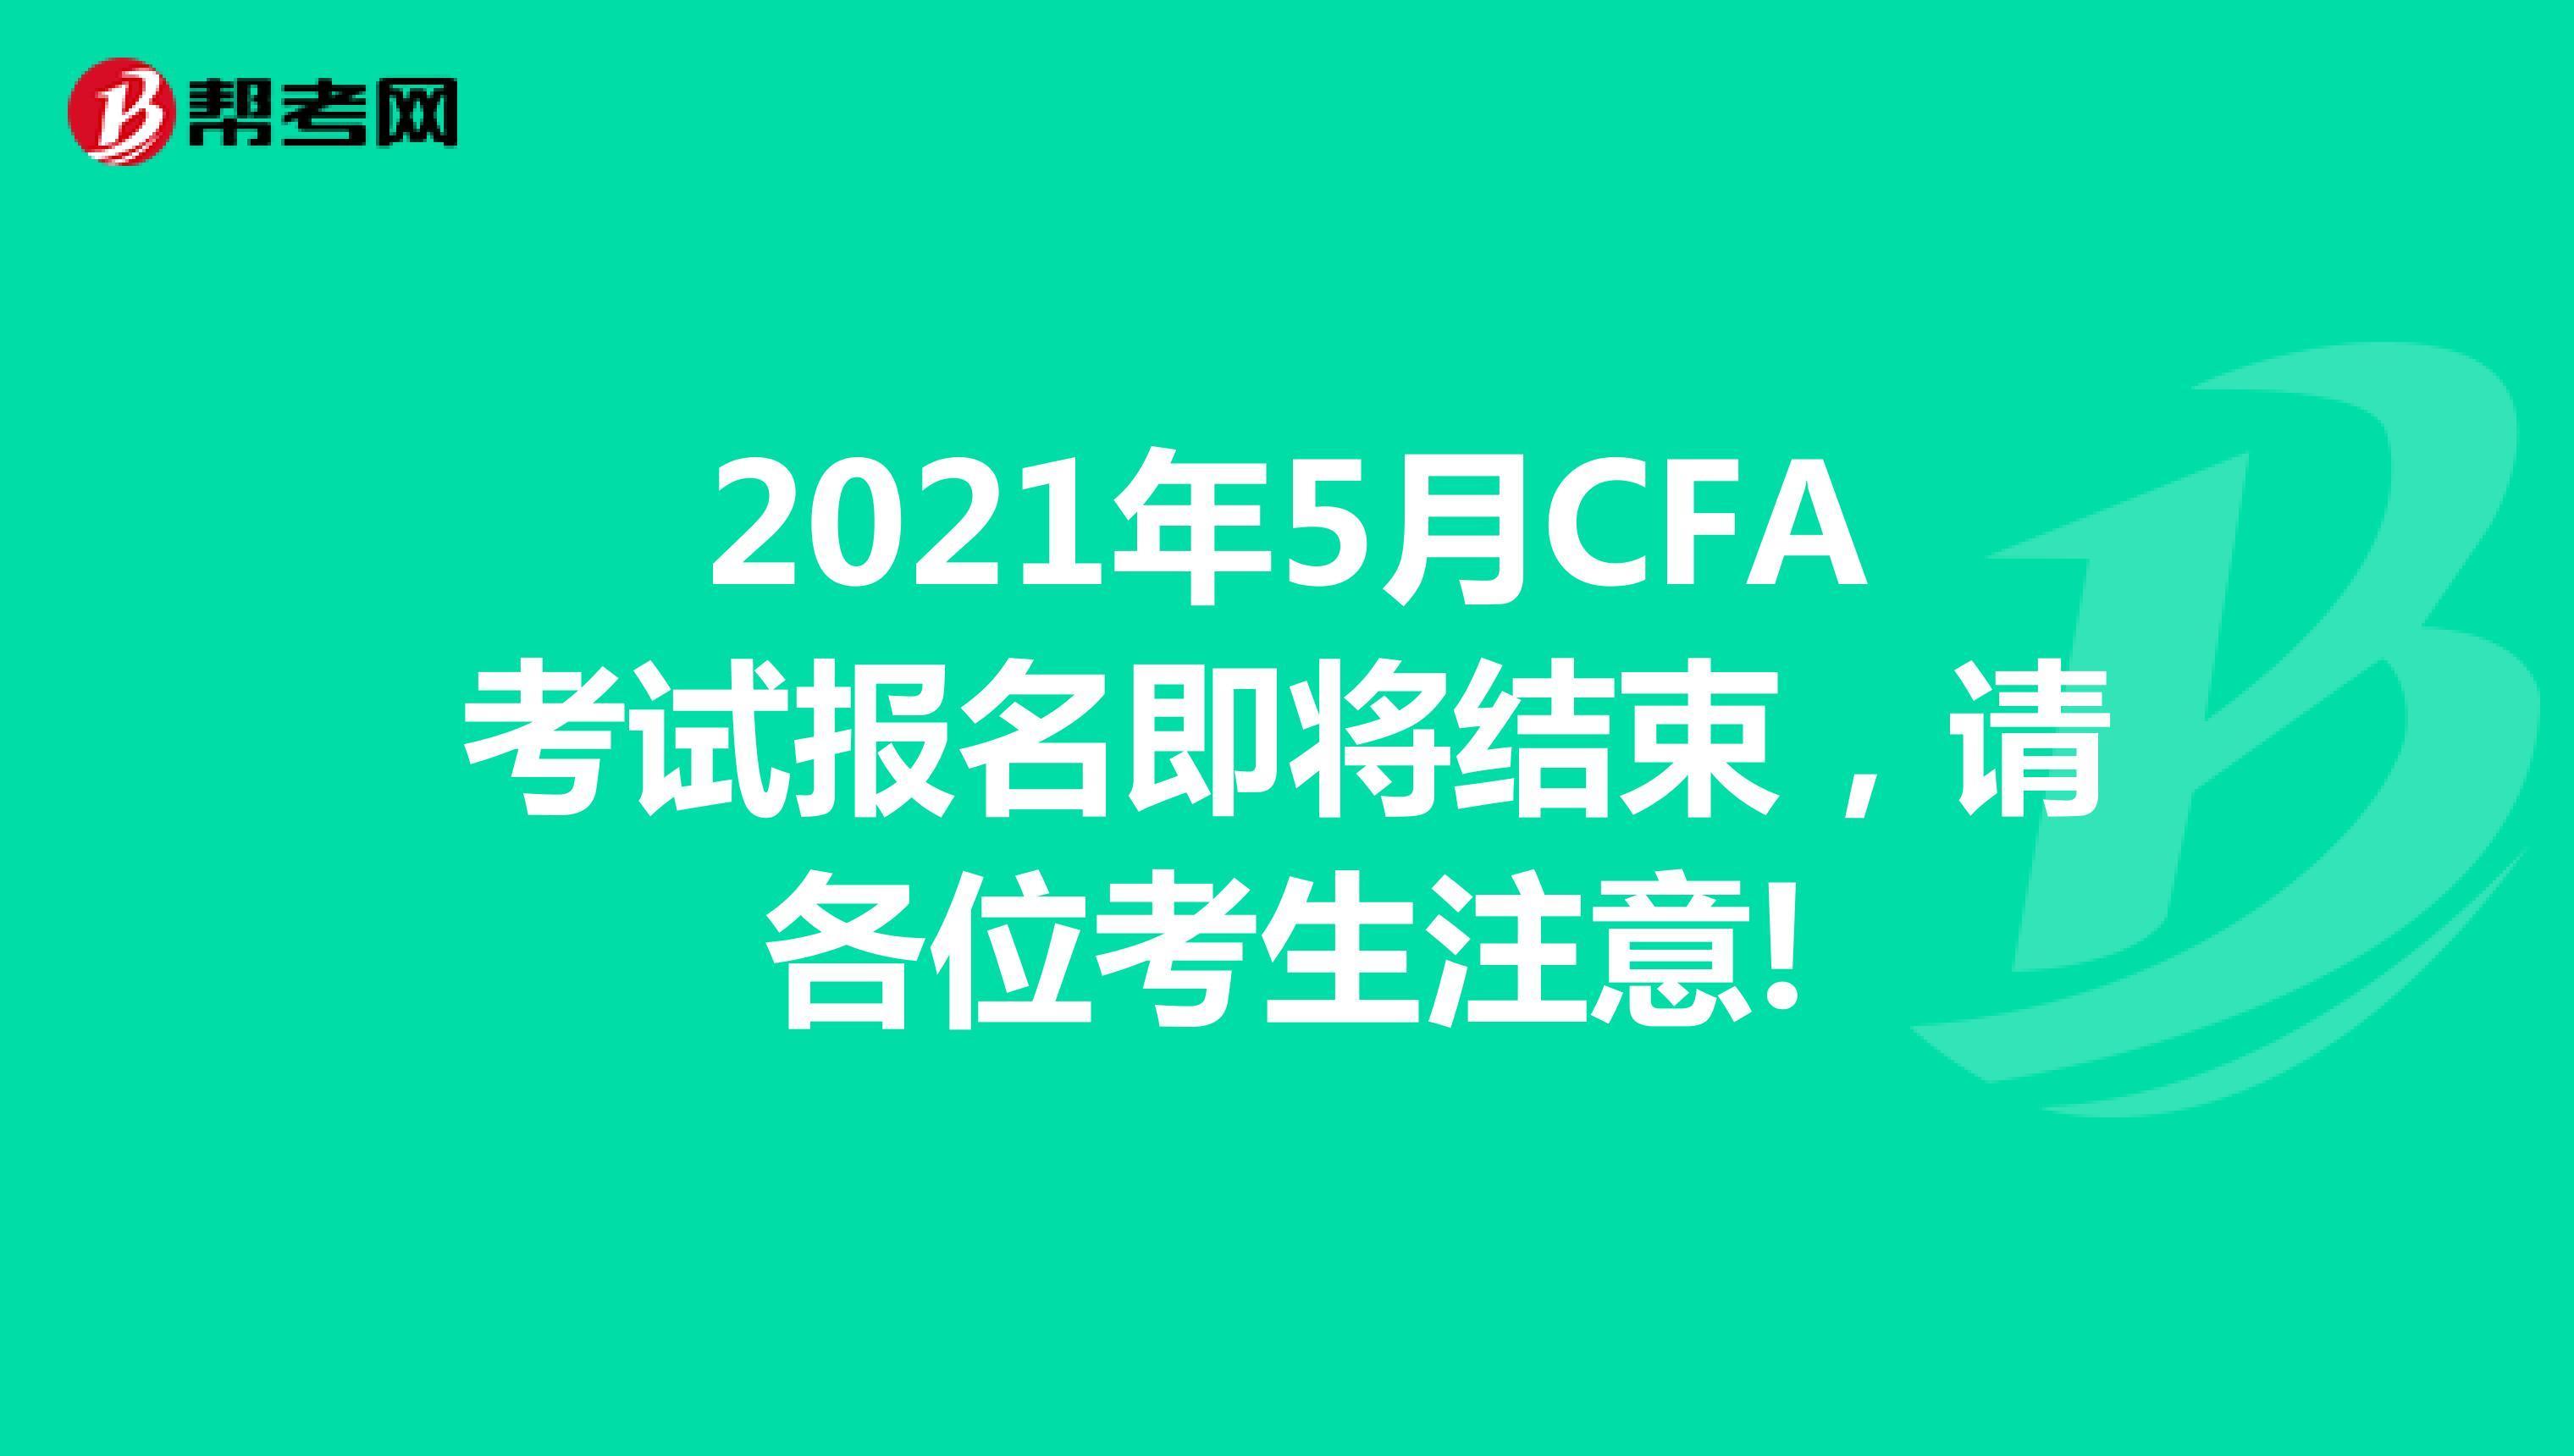 2021年5月CFA考試報名即將結束,請各位考生注意!